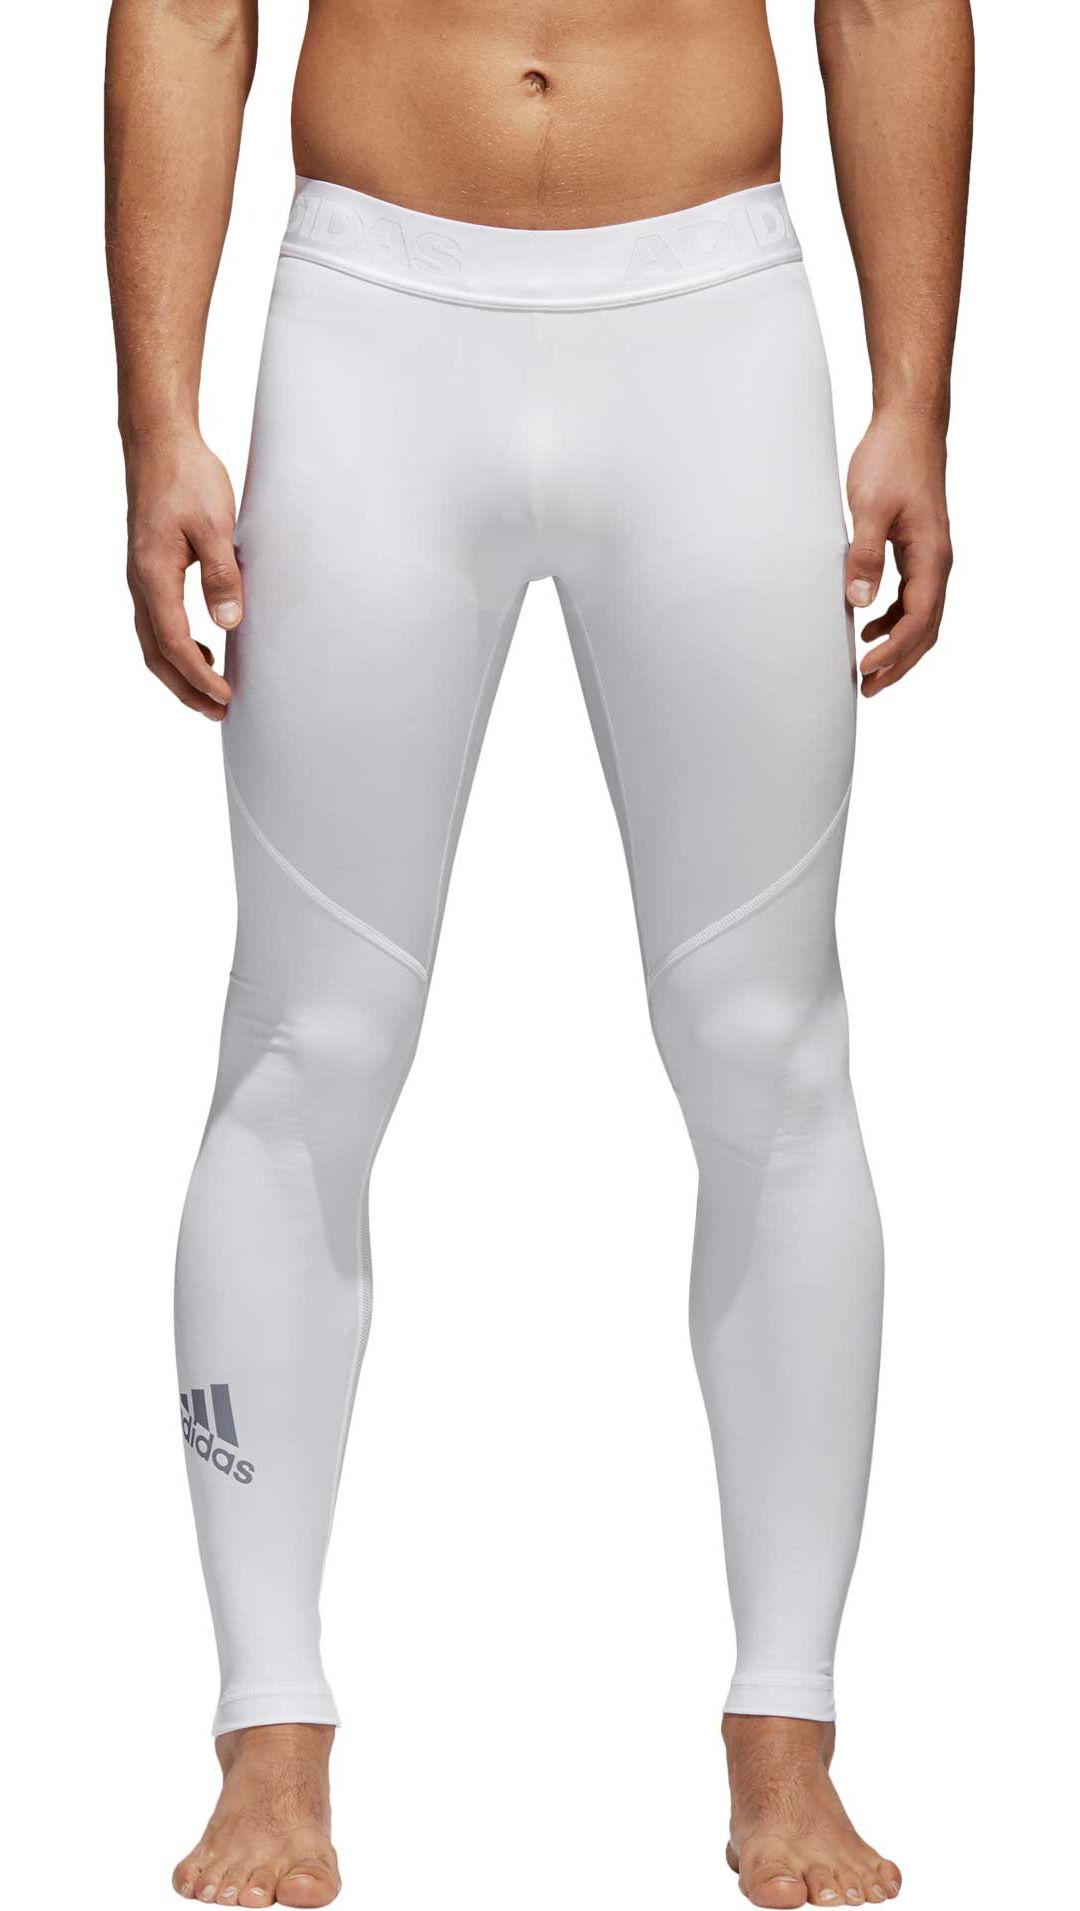 9cf25838ae535 adidas Men's Alphaskin Sport Training Tights. noImageFound. Previous